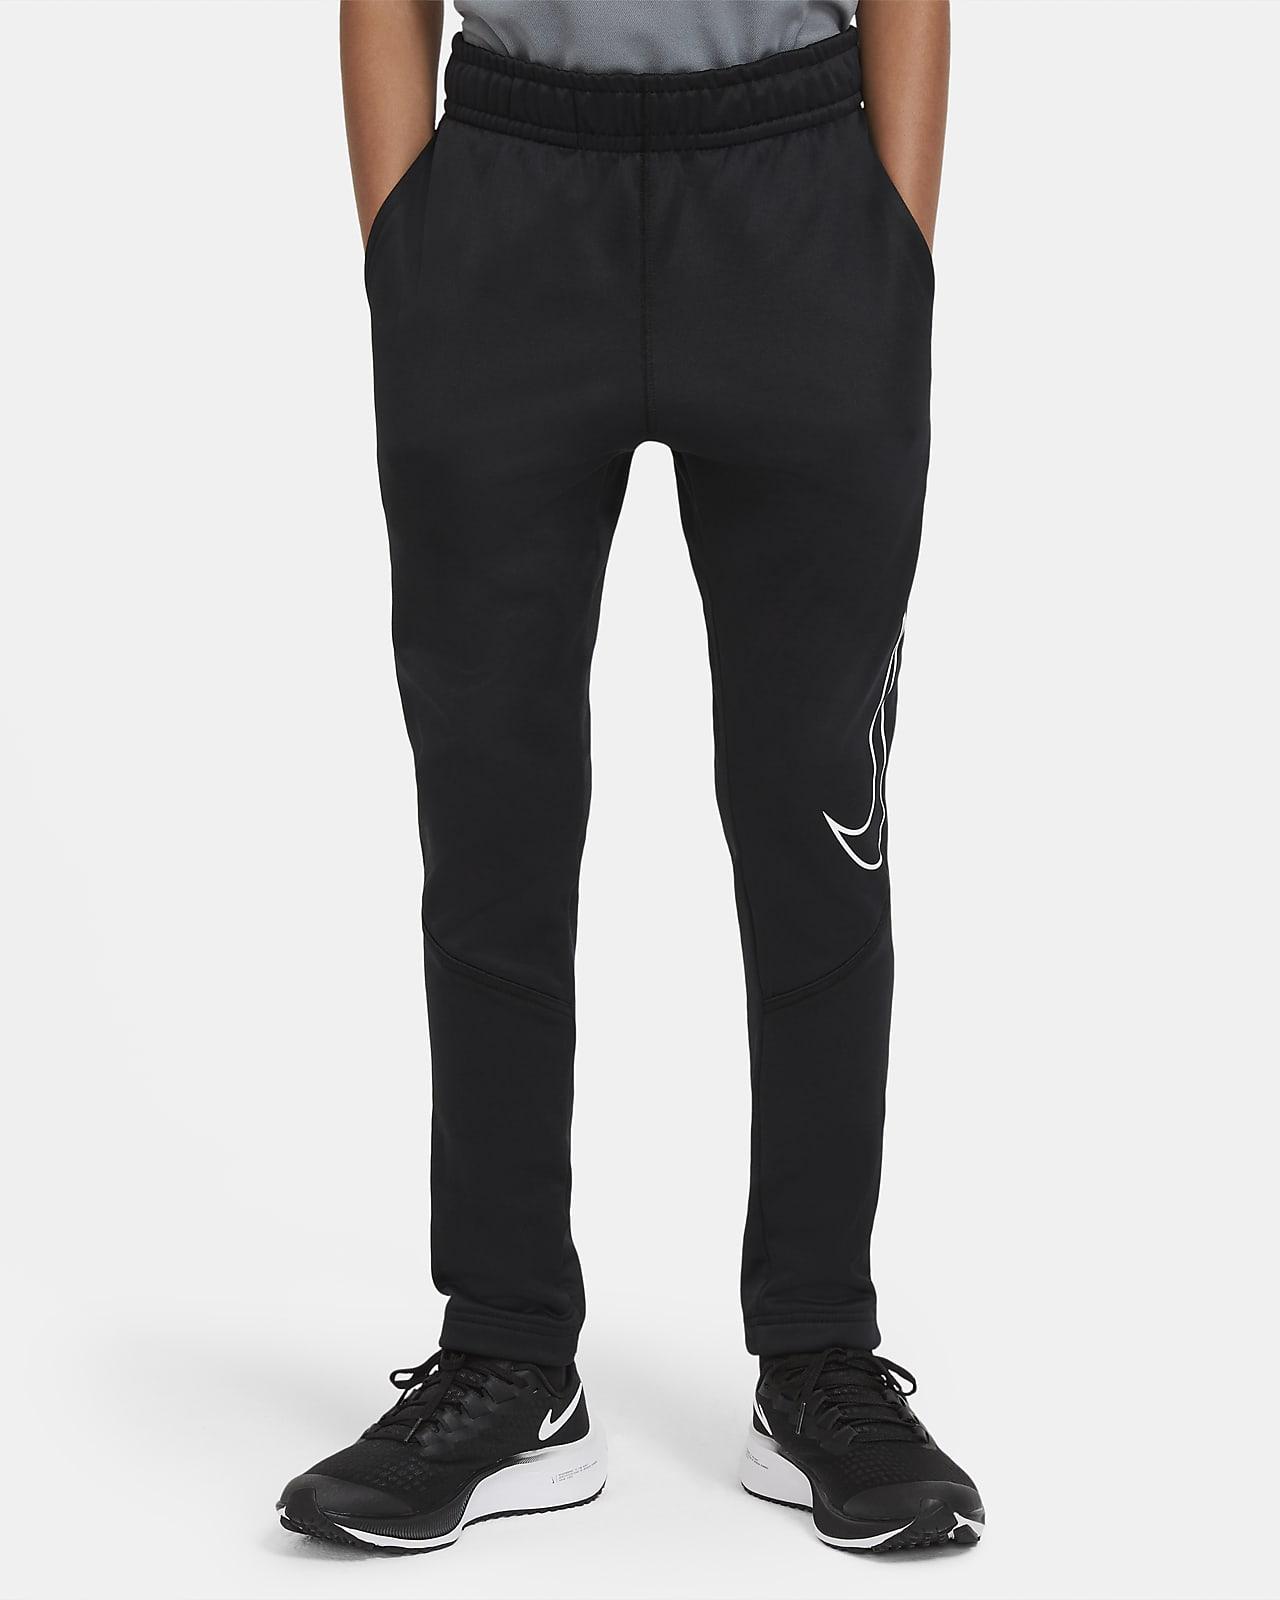 Zúžené tréninkové kalhoty s potiskem Nike Therma pro větší děti (chlapce)